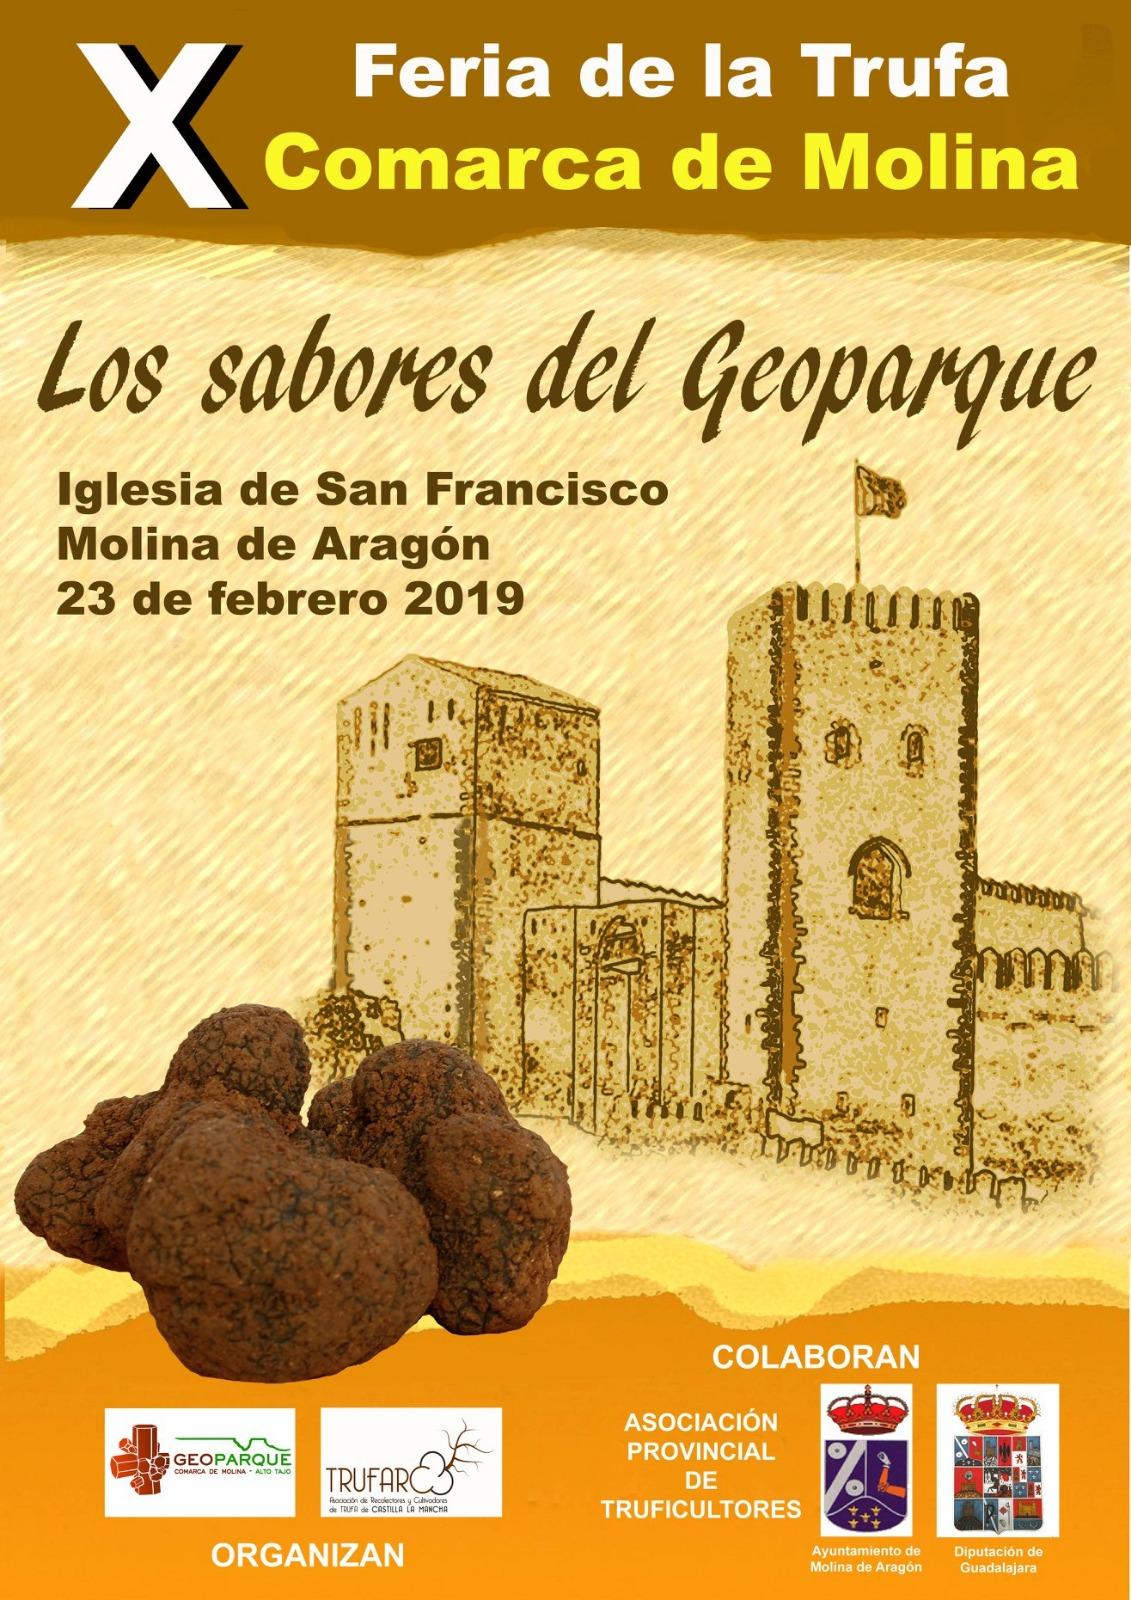 Todo listo para la celebración de la X Feria de la Trufa «Comarca de Molina»